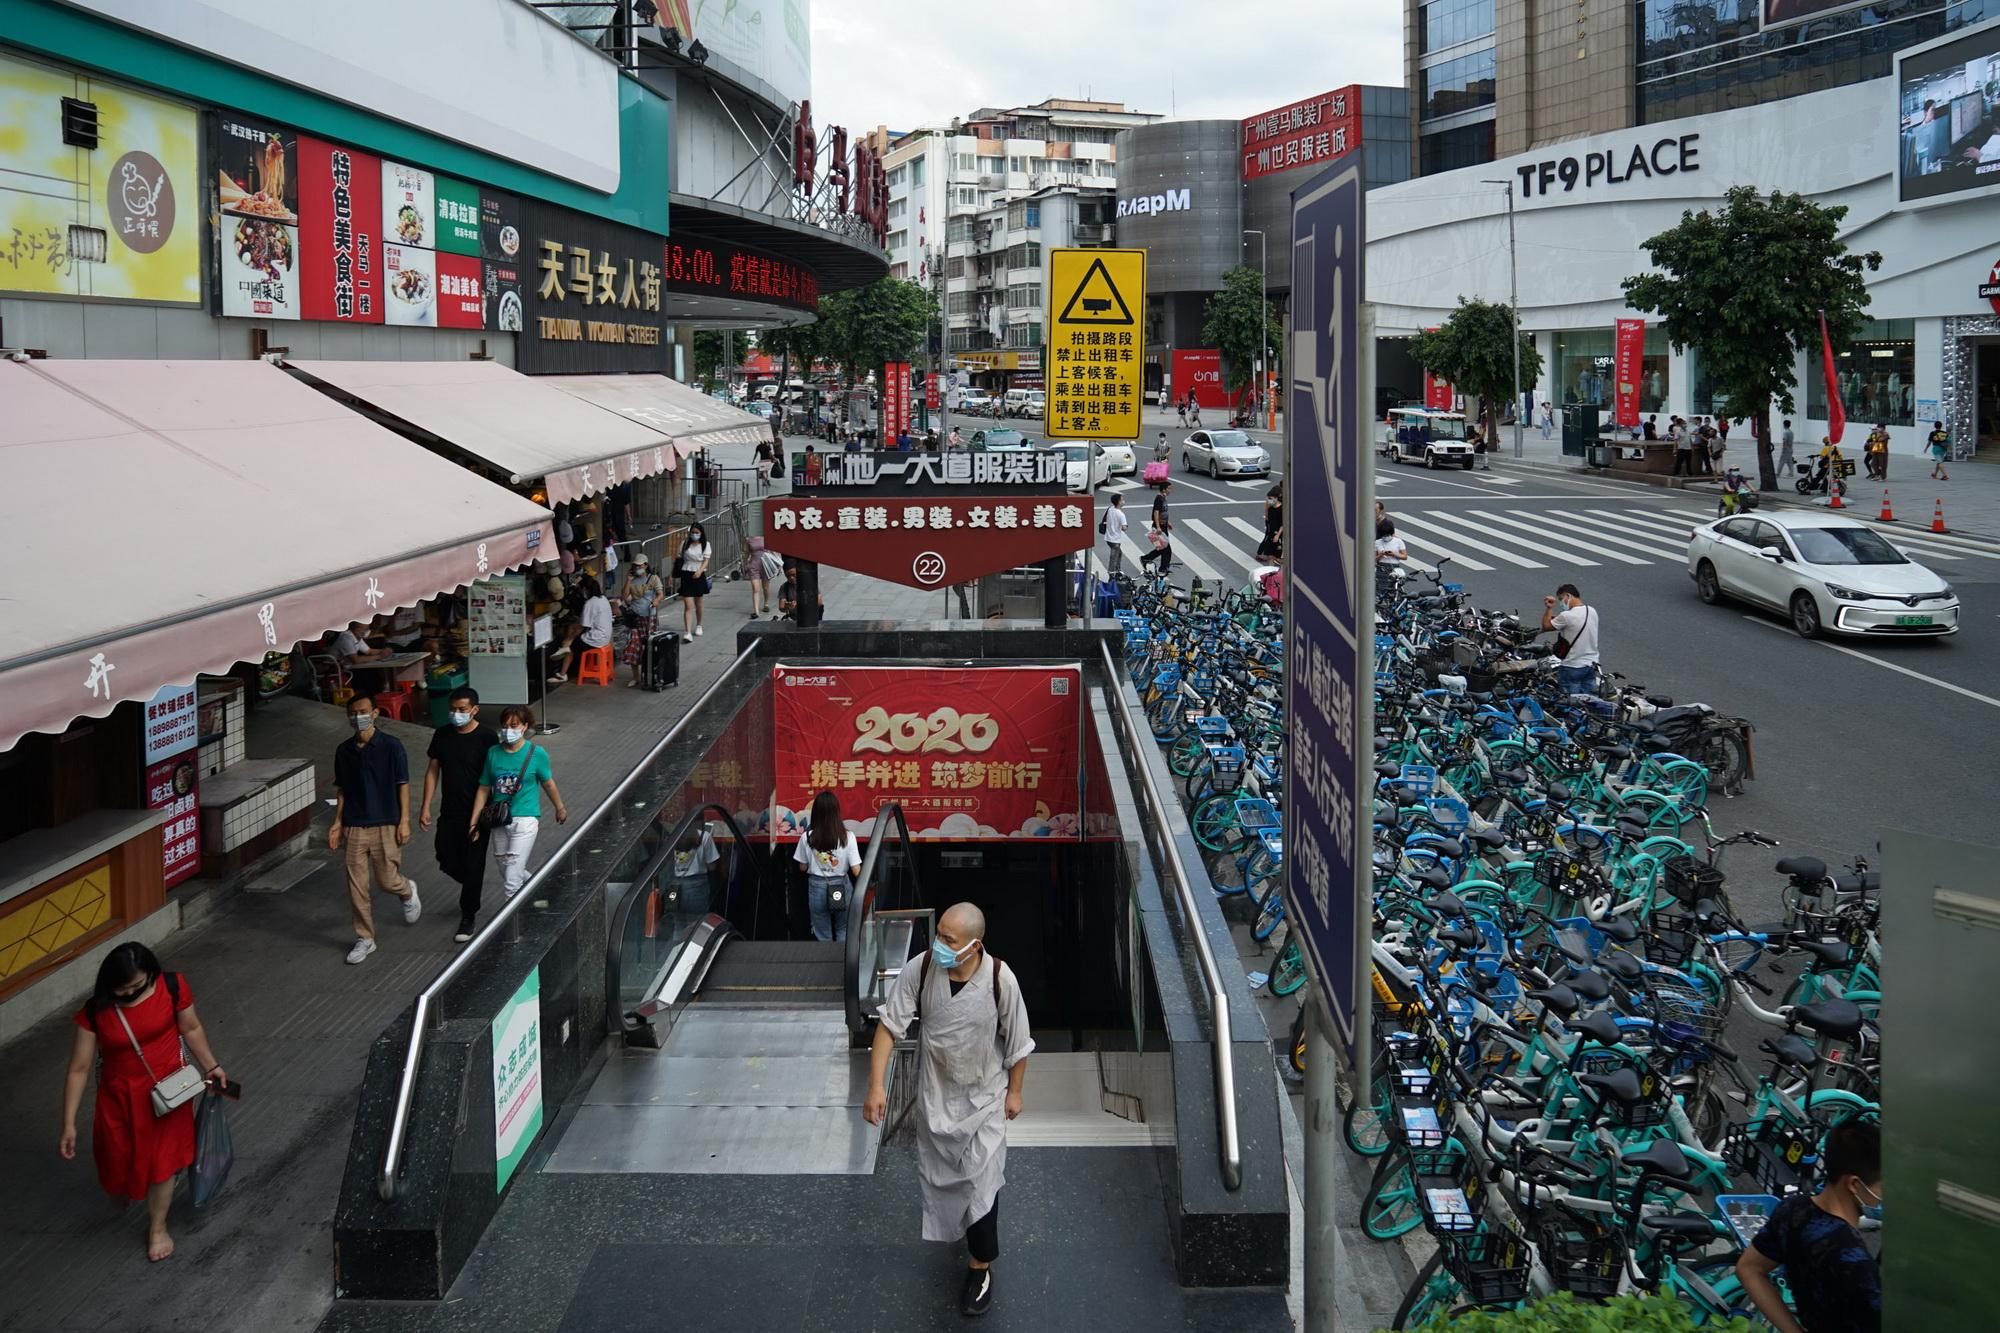 2020年6月4日,广州白马服装城。